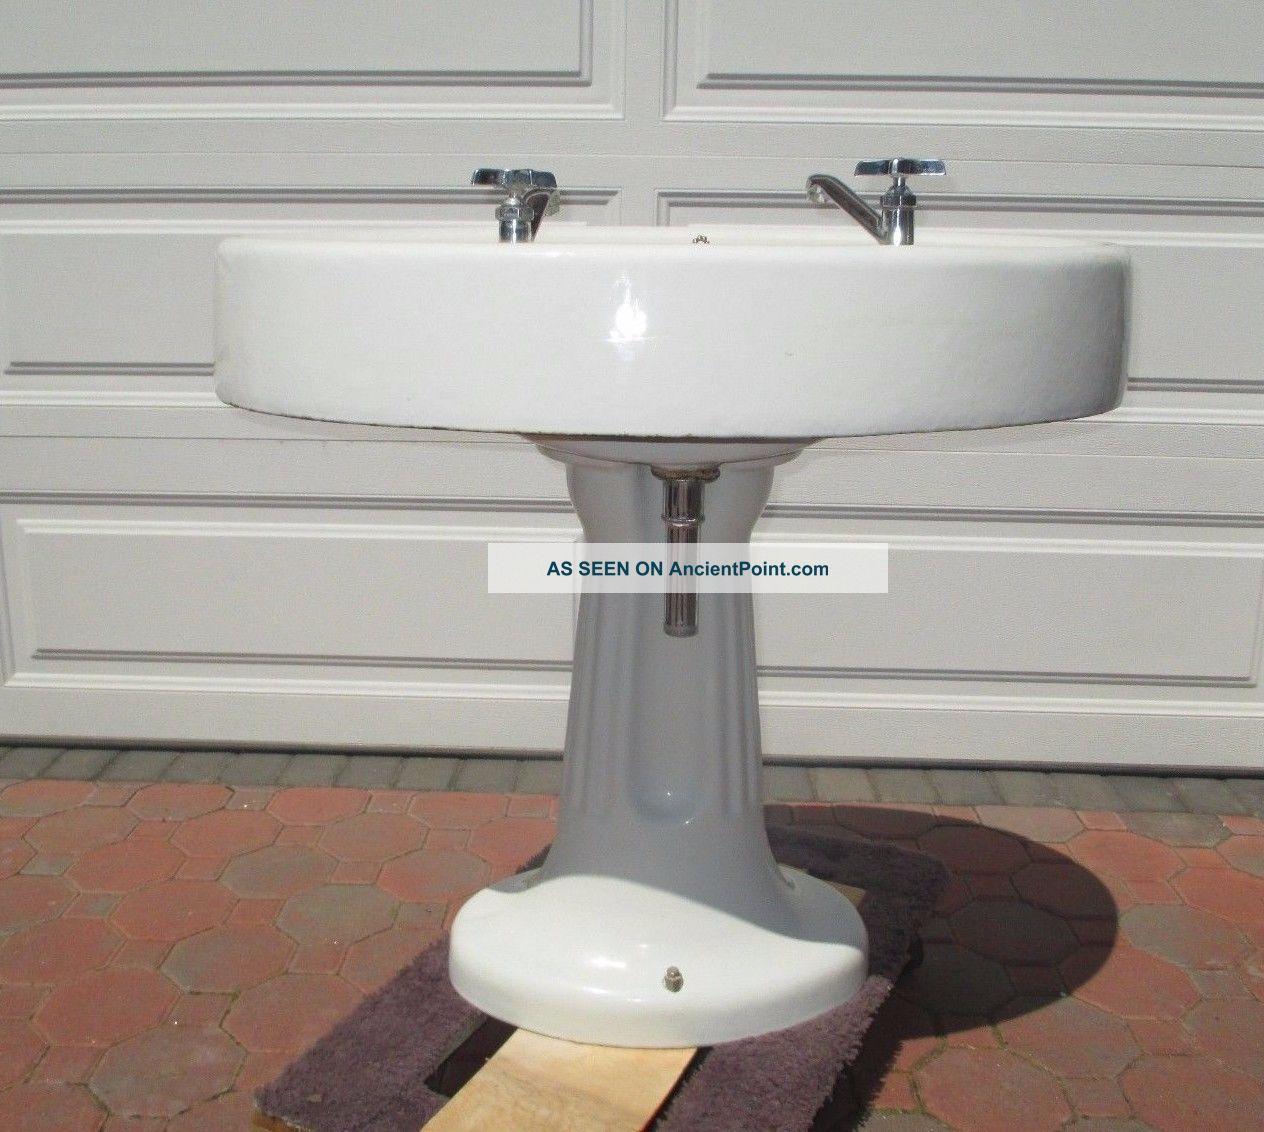 1920 Pedestal Sink : 1920 S Standard Manufacturing Co. Enamel Porcelain Pedestal Sink ...